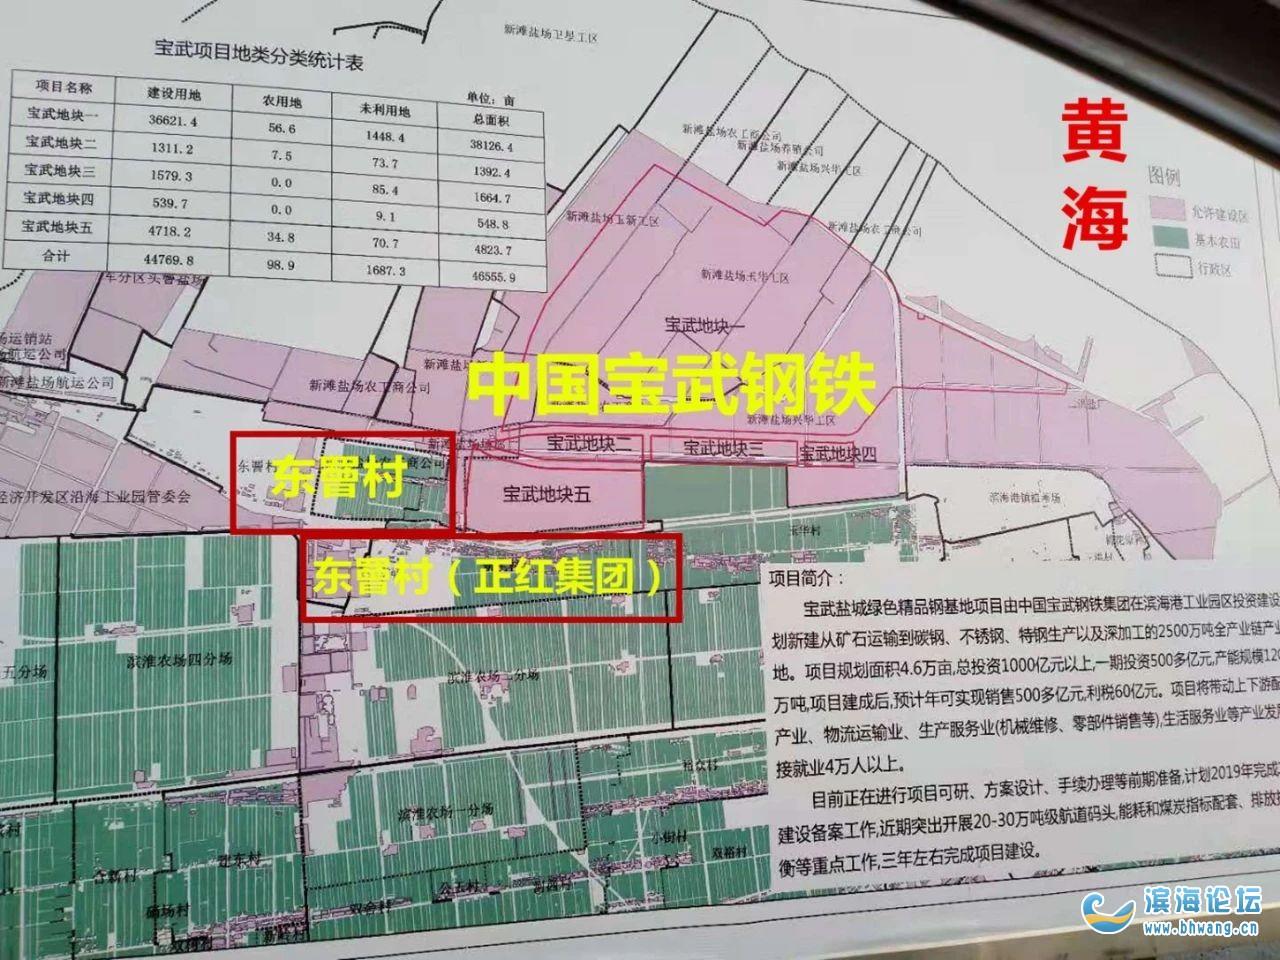 投資超1000億!寶鋼在濱海的規劃圖來了!